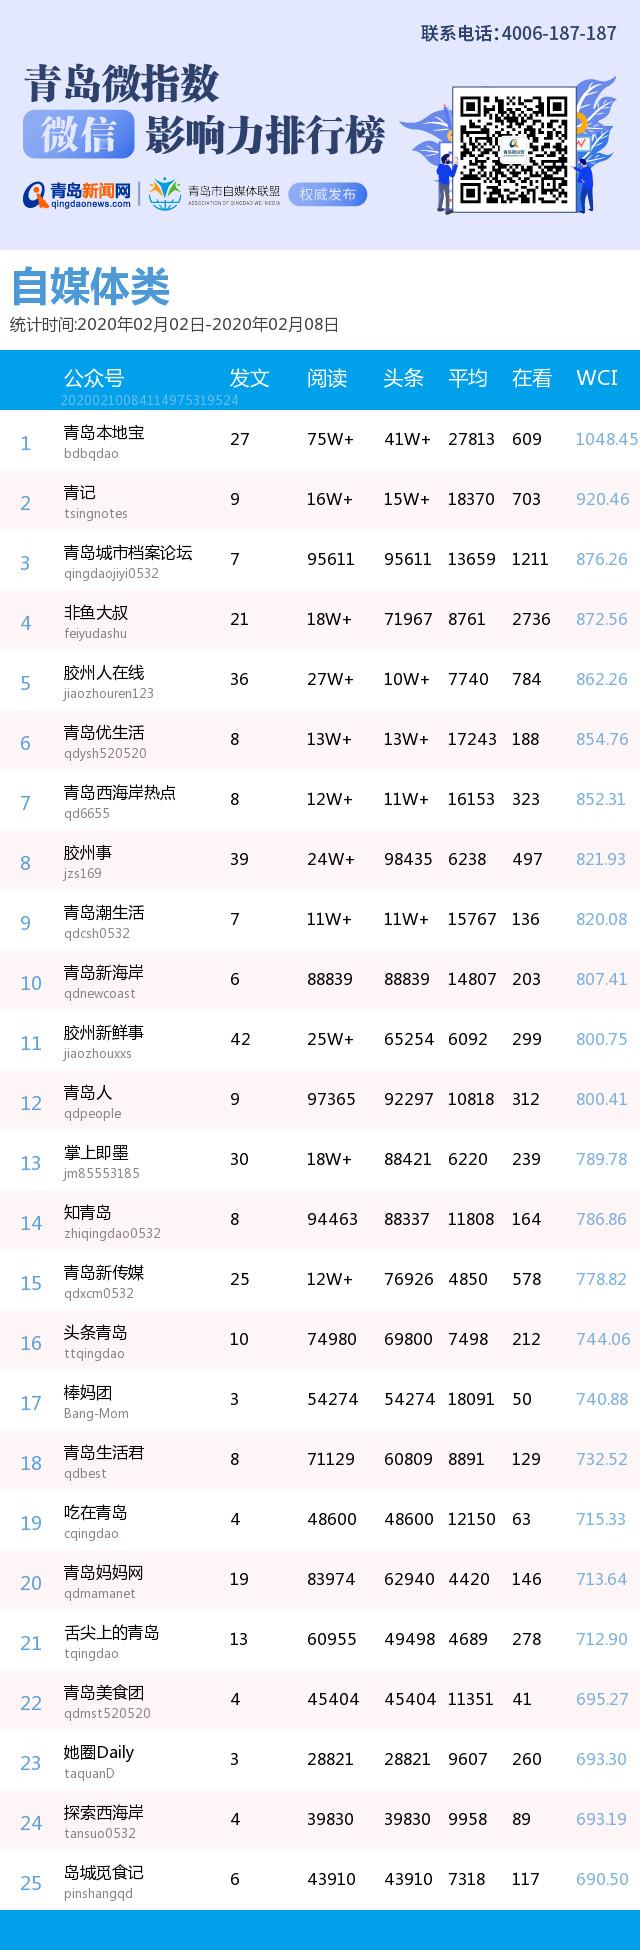 青岛微指数榜单发布 青岛日报、青岛新闻网教育